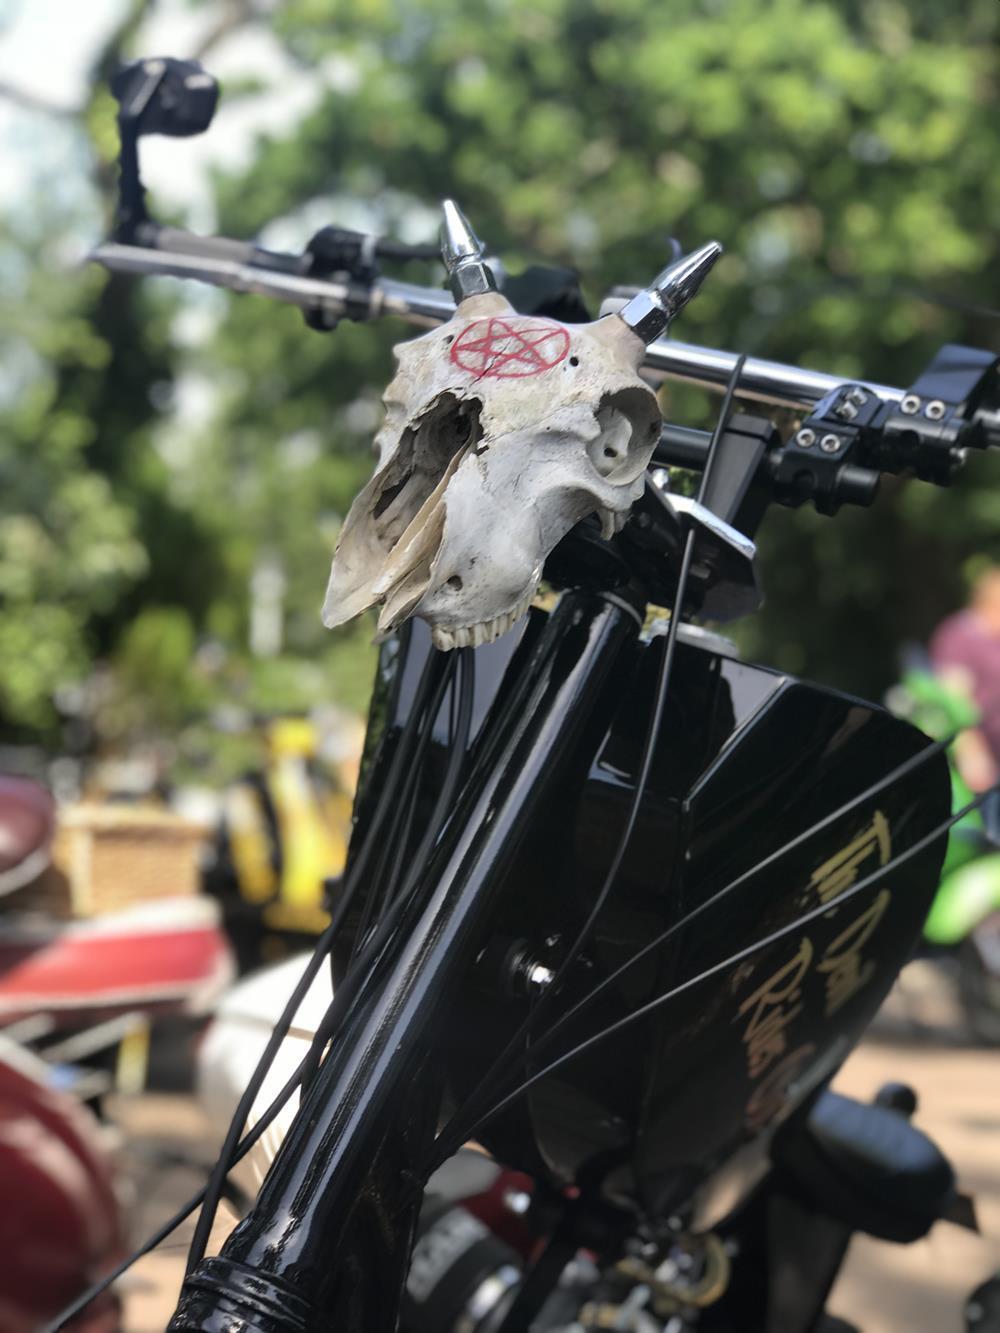 Skull accessory on Lambretta scooter